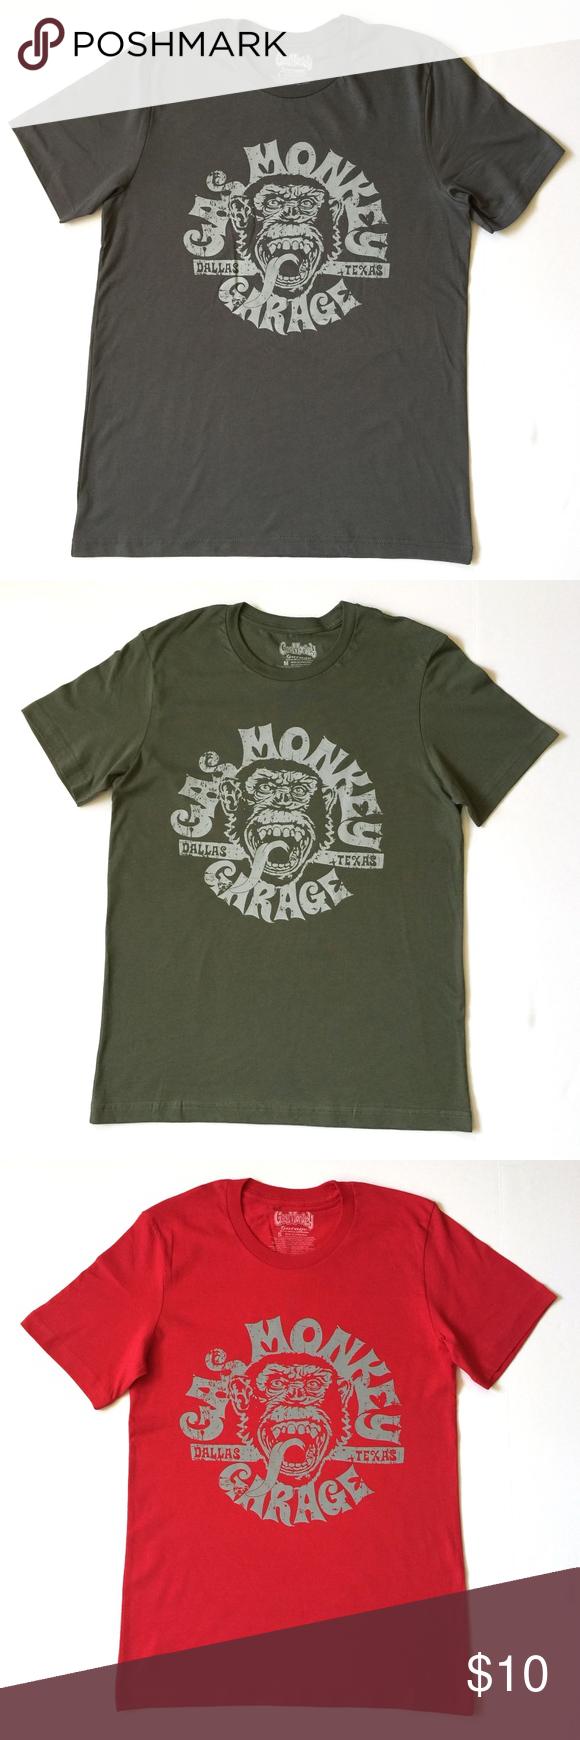 6ae04b0105e MEN'S CREW NECK T-SHIRT Product Description Crew Neck T-Shirt Adult Men 60%  Cotton 40% Polyester Description: Gas Monkey Print. Active Wear Men's Size  ...